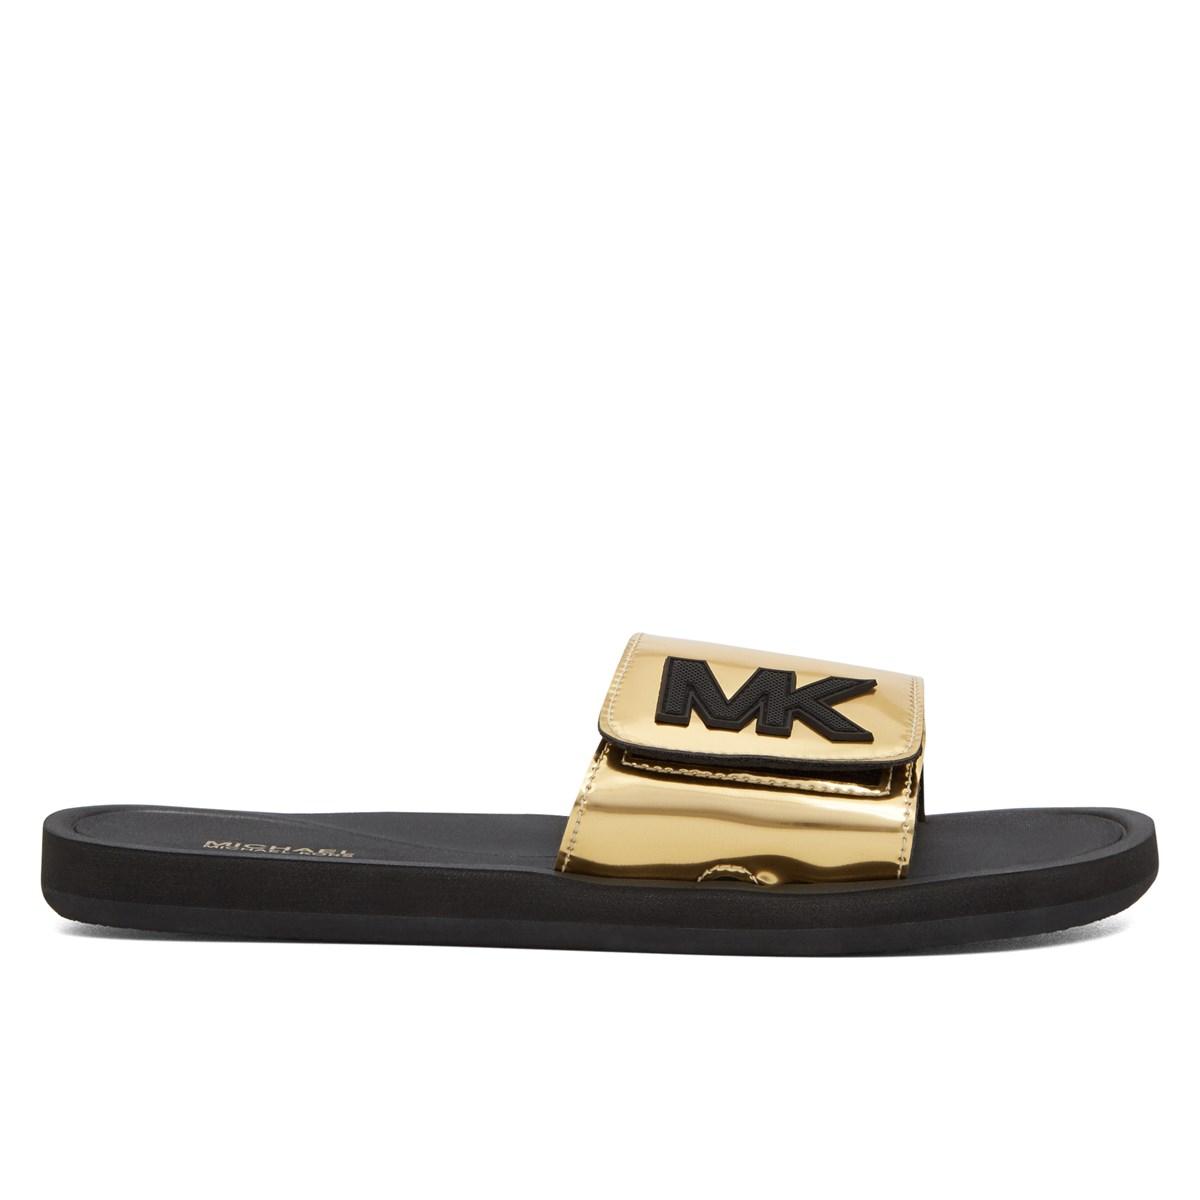 34c4c803f1d7 Women s MK Slide On Gold Slides. Previous. default view